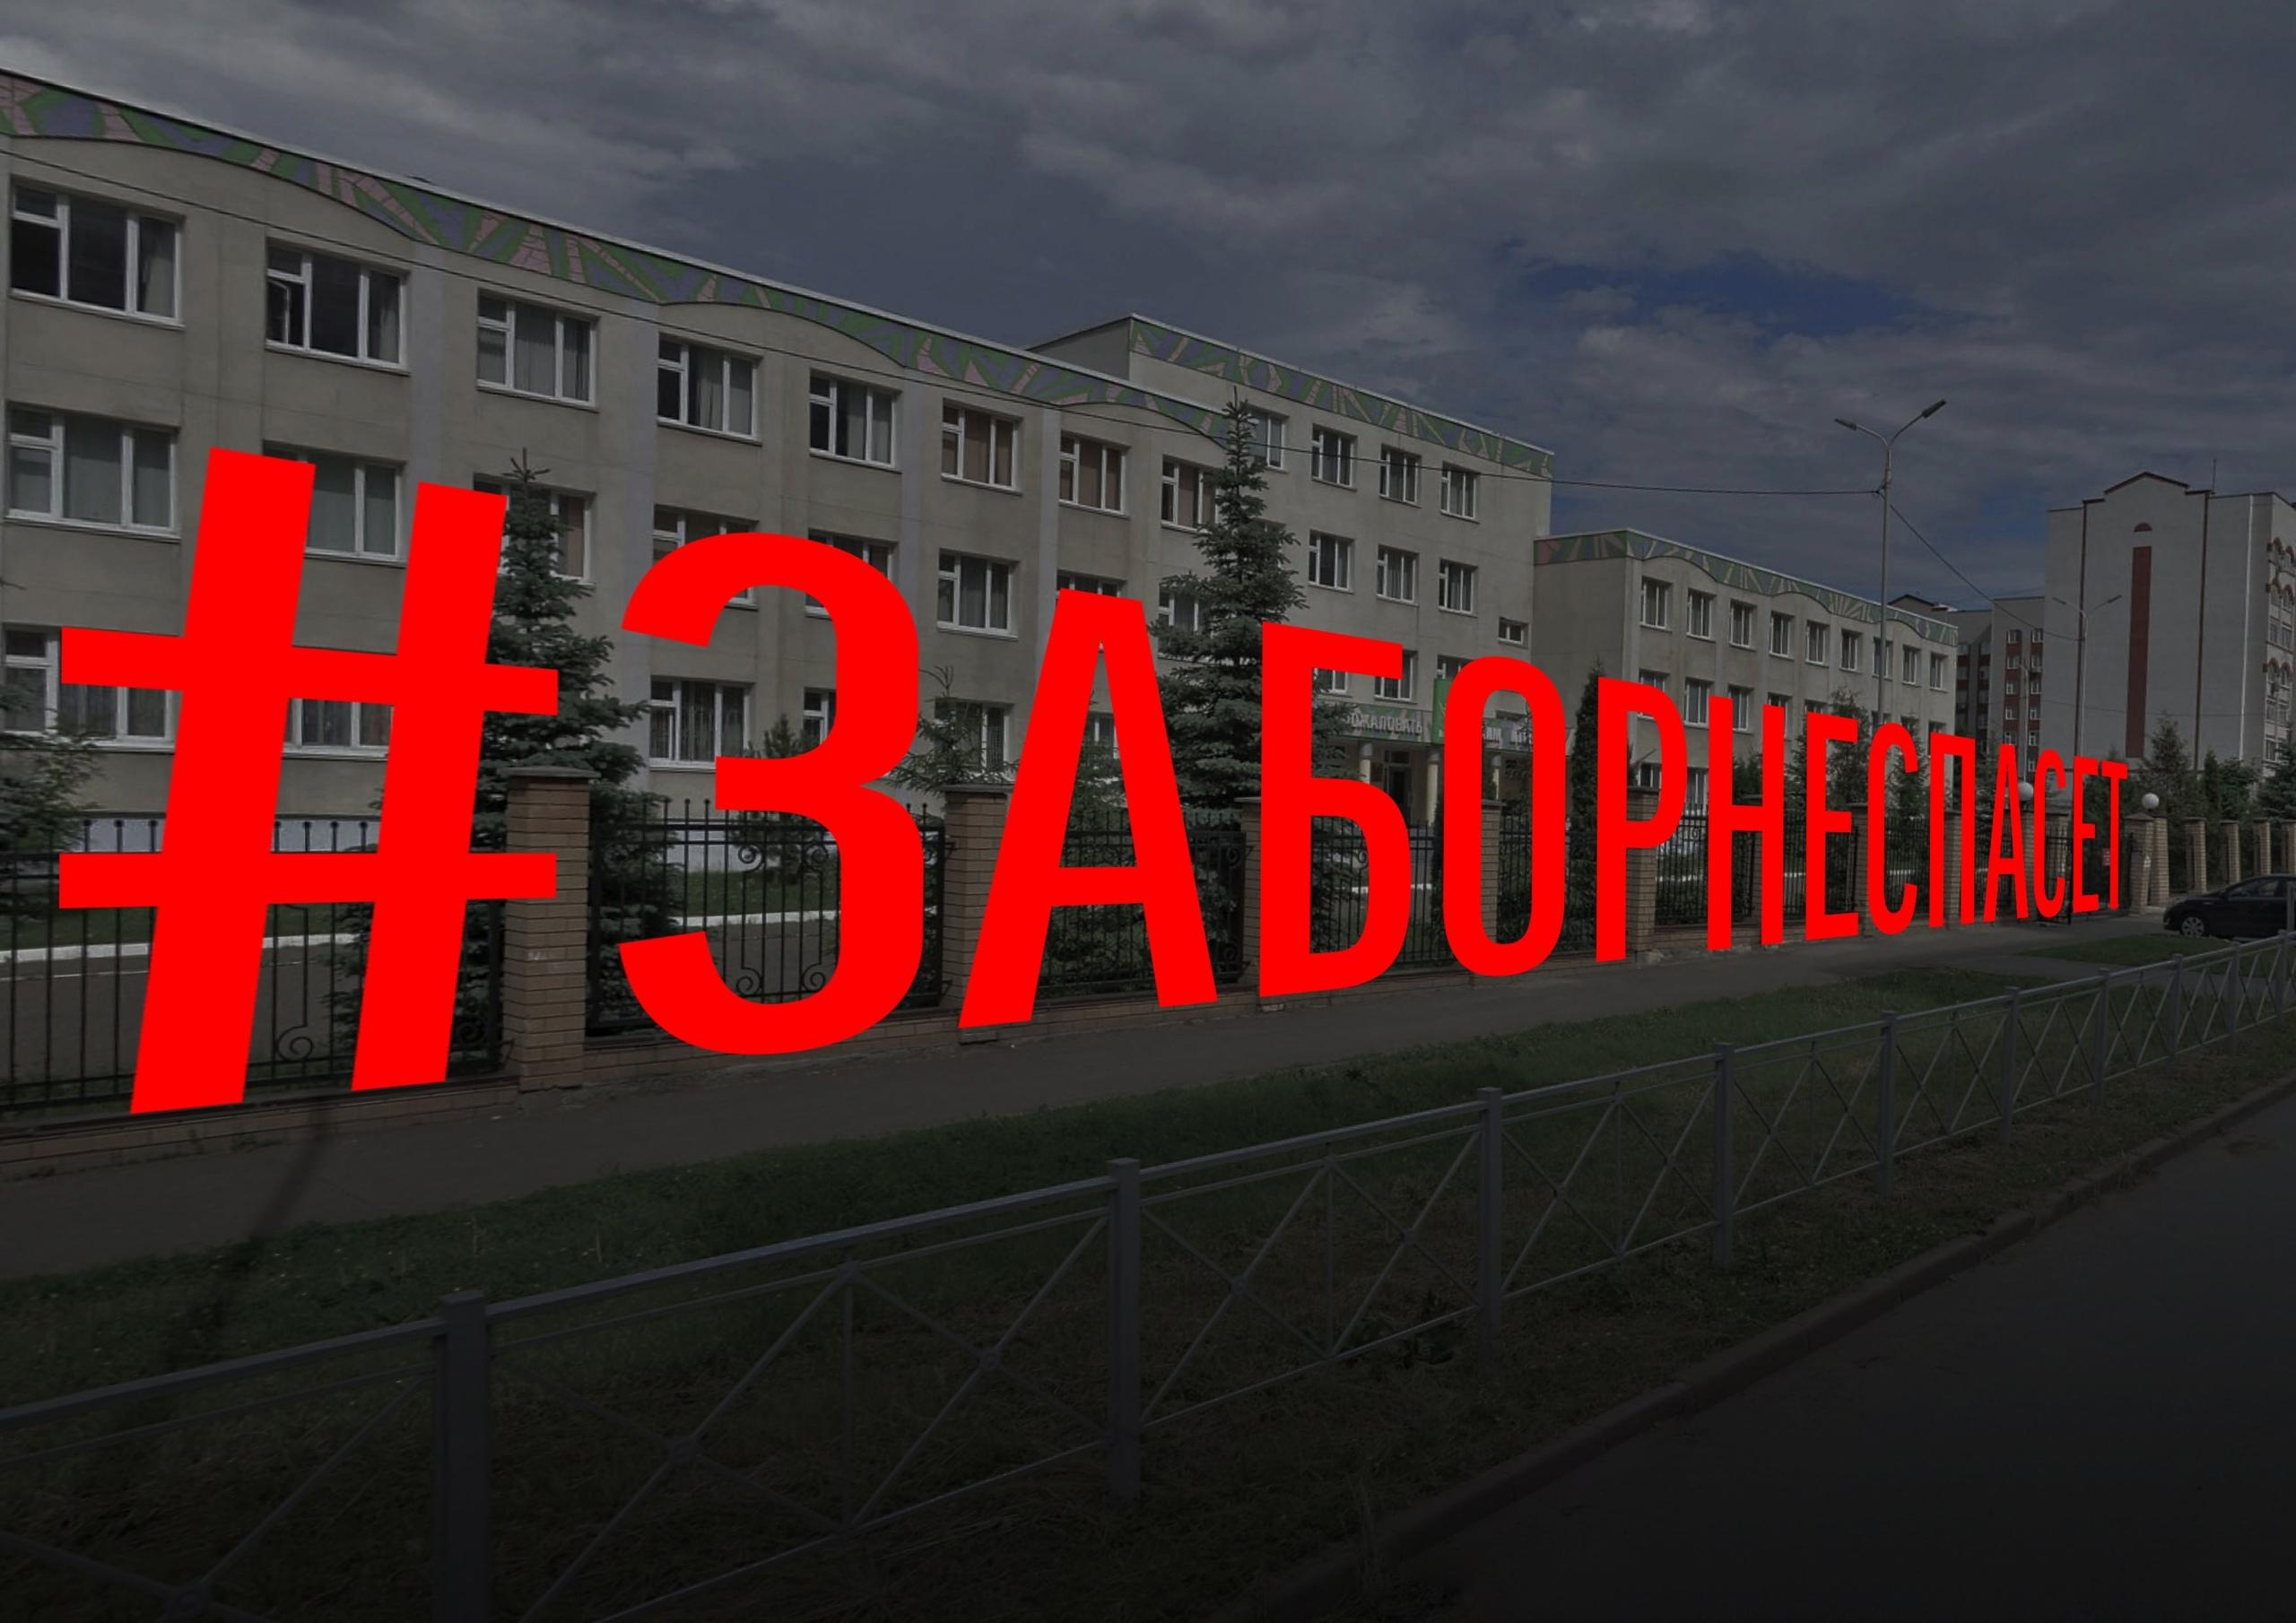 В соцсетях запустили хештег с призывом усилить безопасность в школах после трагедии в Казани